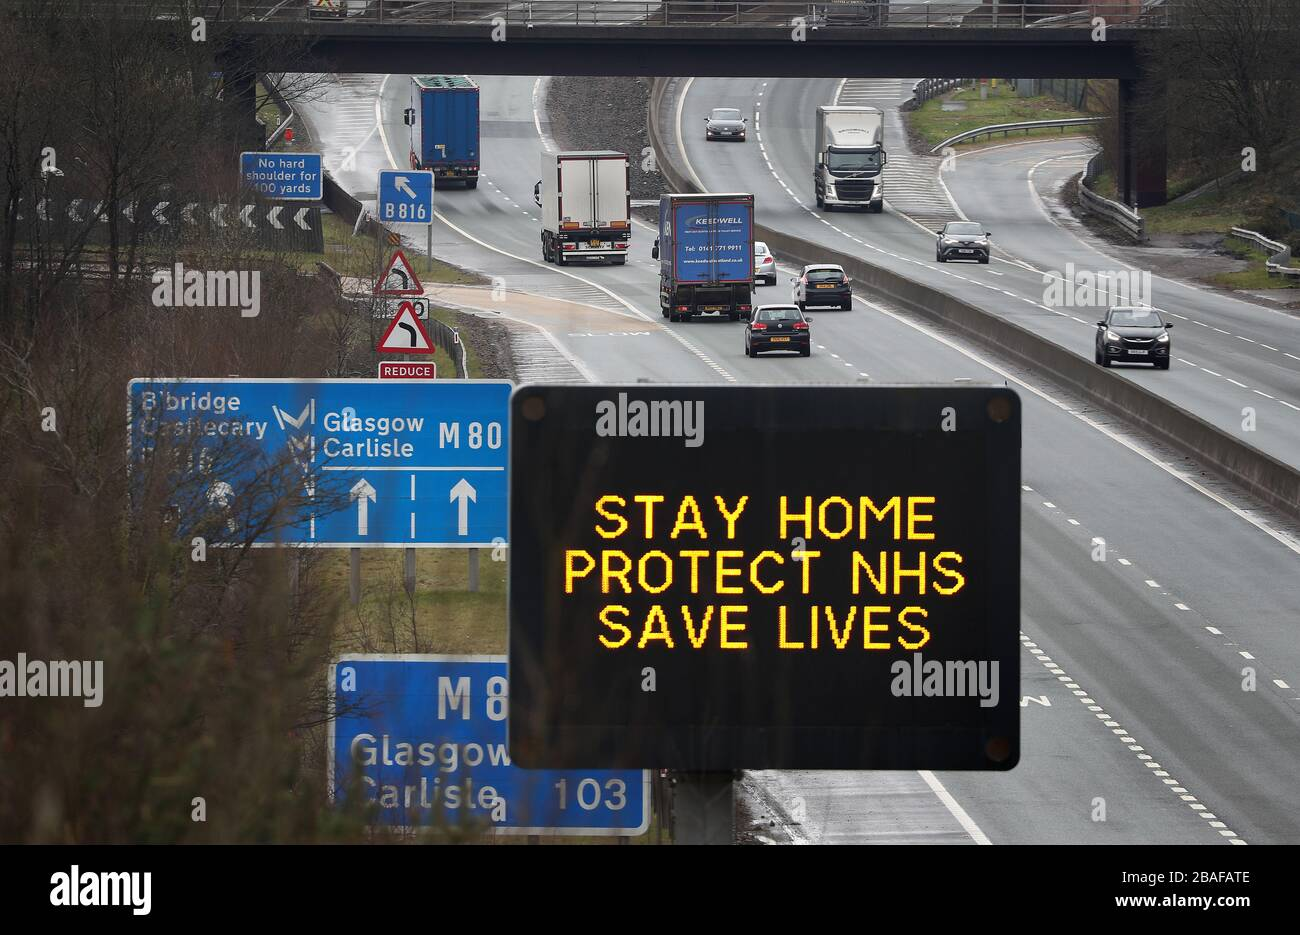 Una señal de carretera que aconseja a los conductores permanecer en casa proteger NHS salva vidas es visible en la M80 cerca de Banknock, ya que el Reino Unido continúa en bloqueo para ayudar a frenar la propagación del coronavirus. Foto de stock